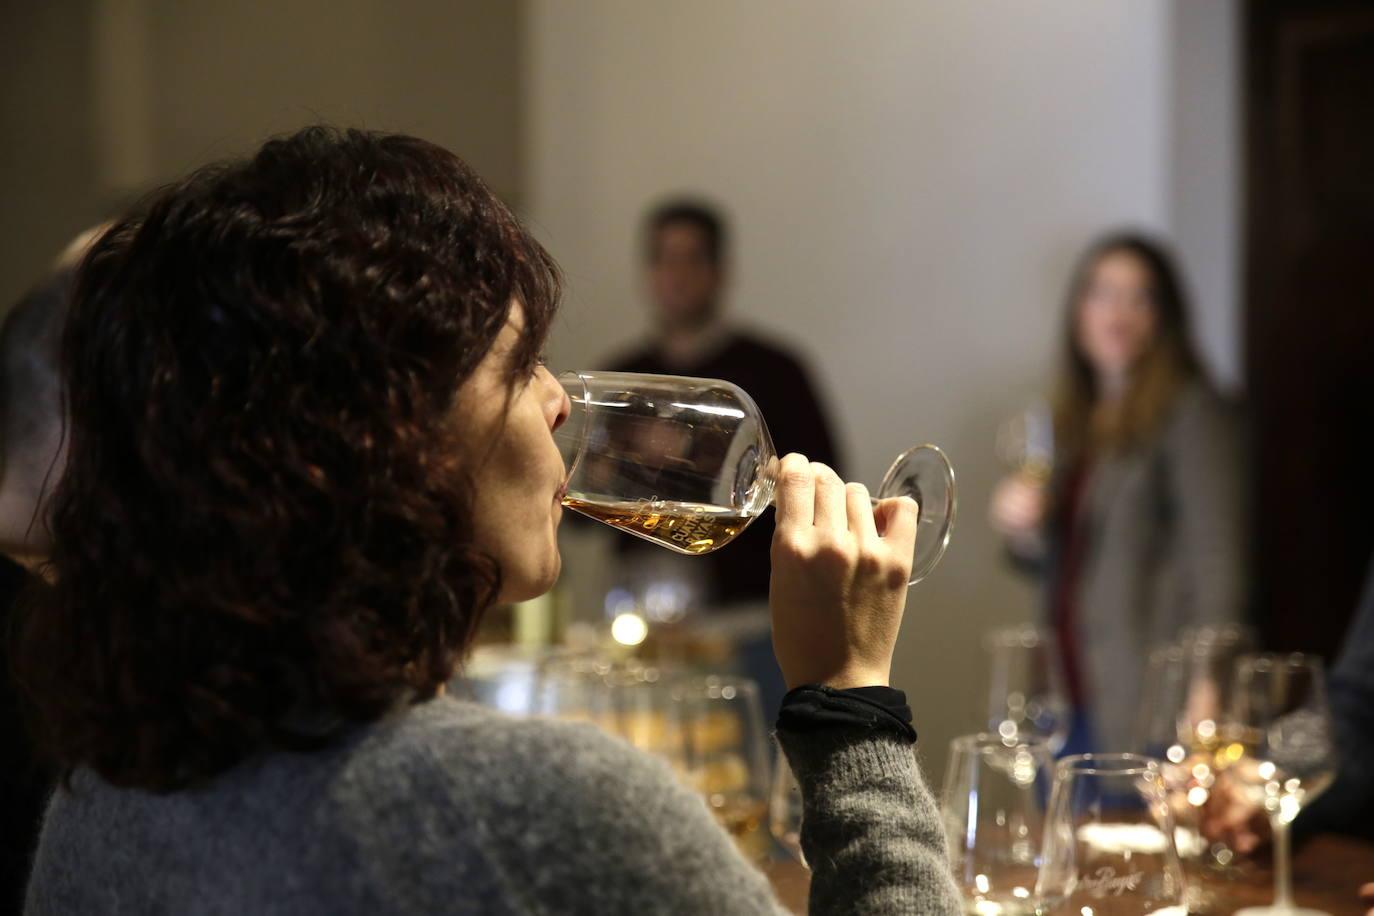 Una oportunidad para saber más inglés y de vinos